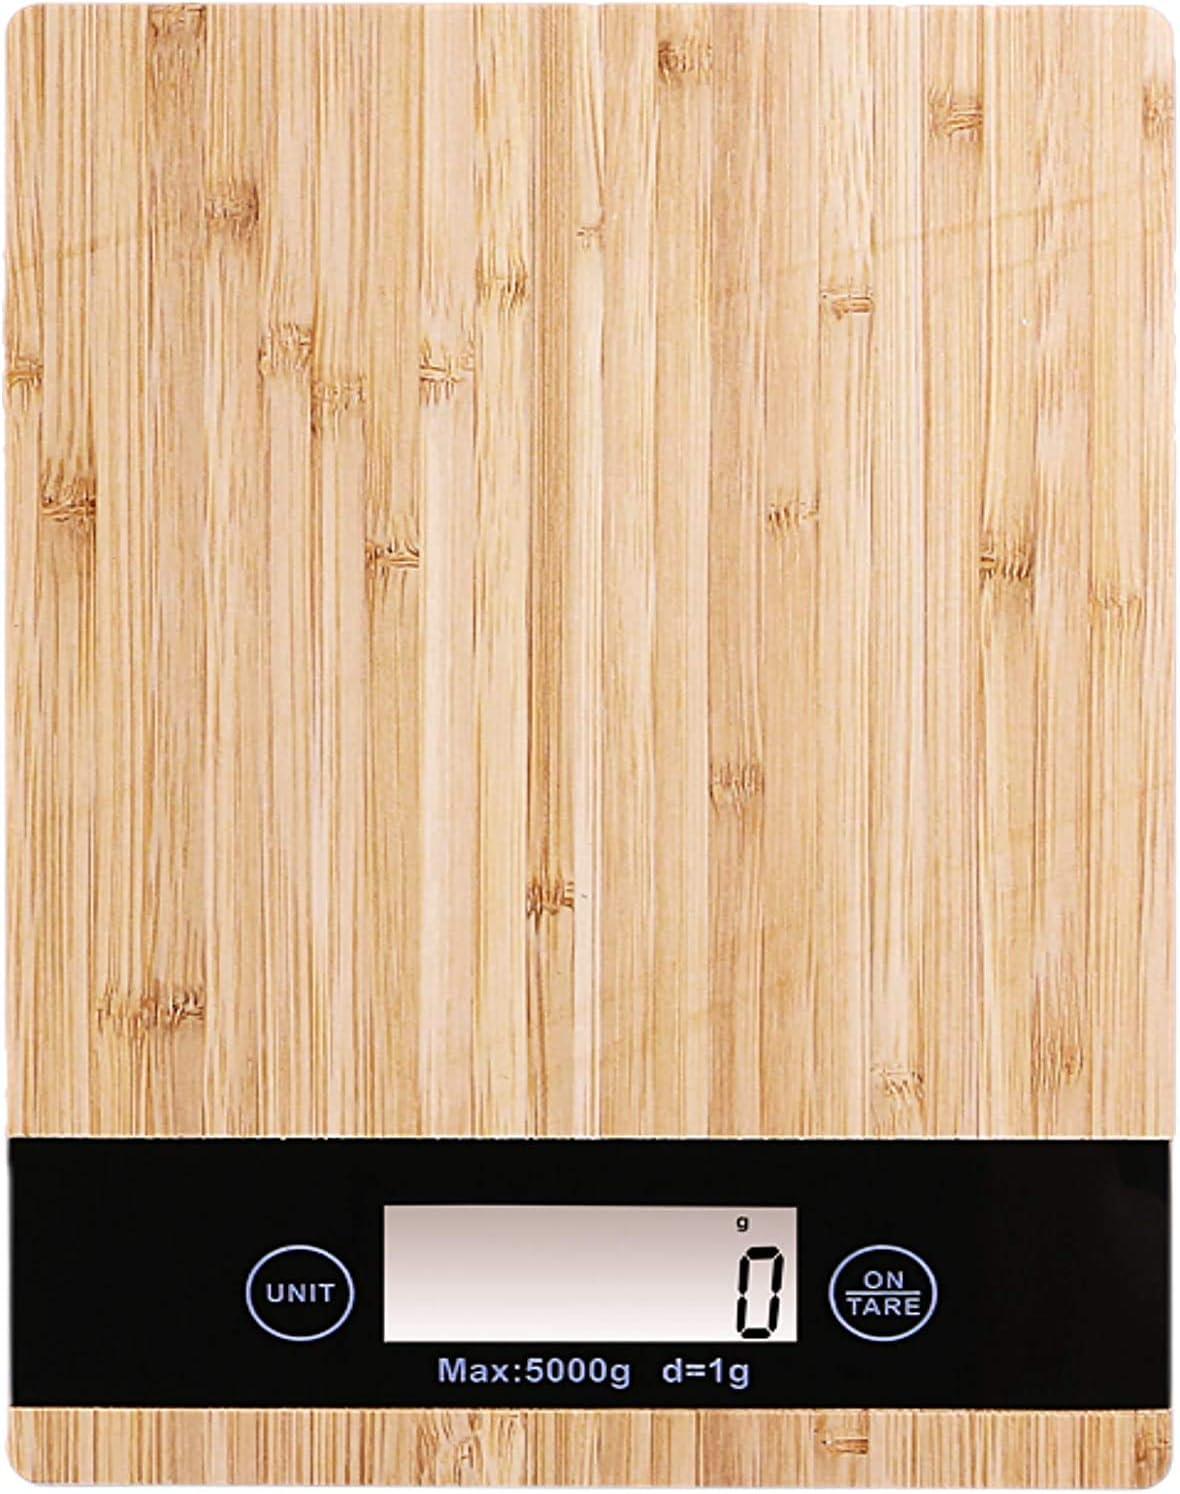 PRITECH - Báscula Digital para Cocina de bambú,Peso máximo 5Kg y Alta precisión, Auto Apagado y Función de Tara. Peso de Cocina PBP-153.